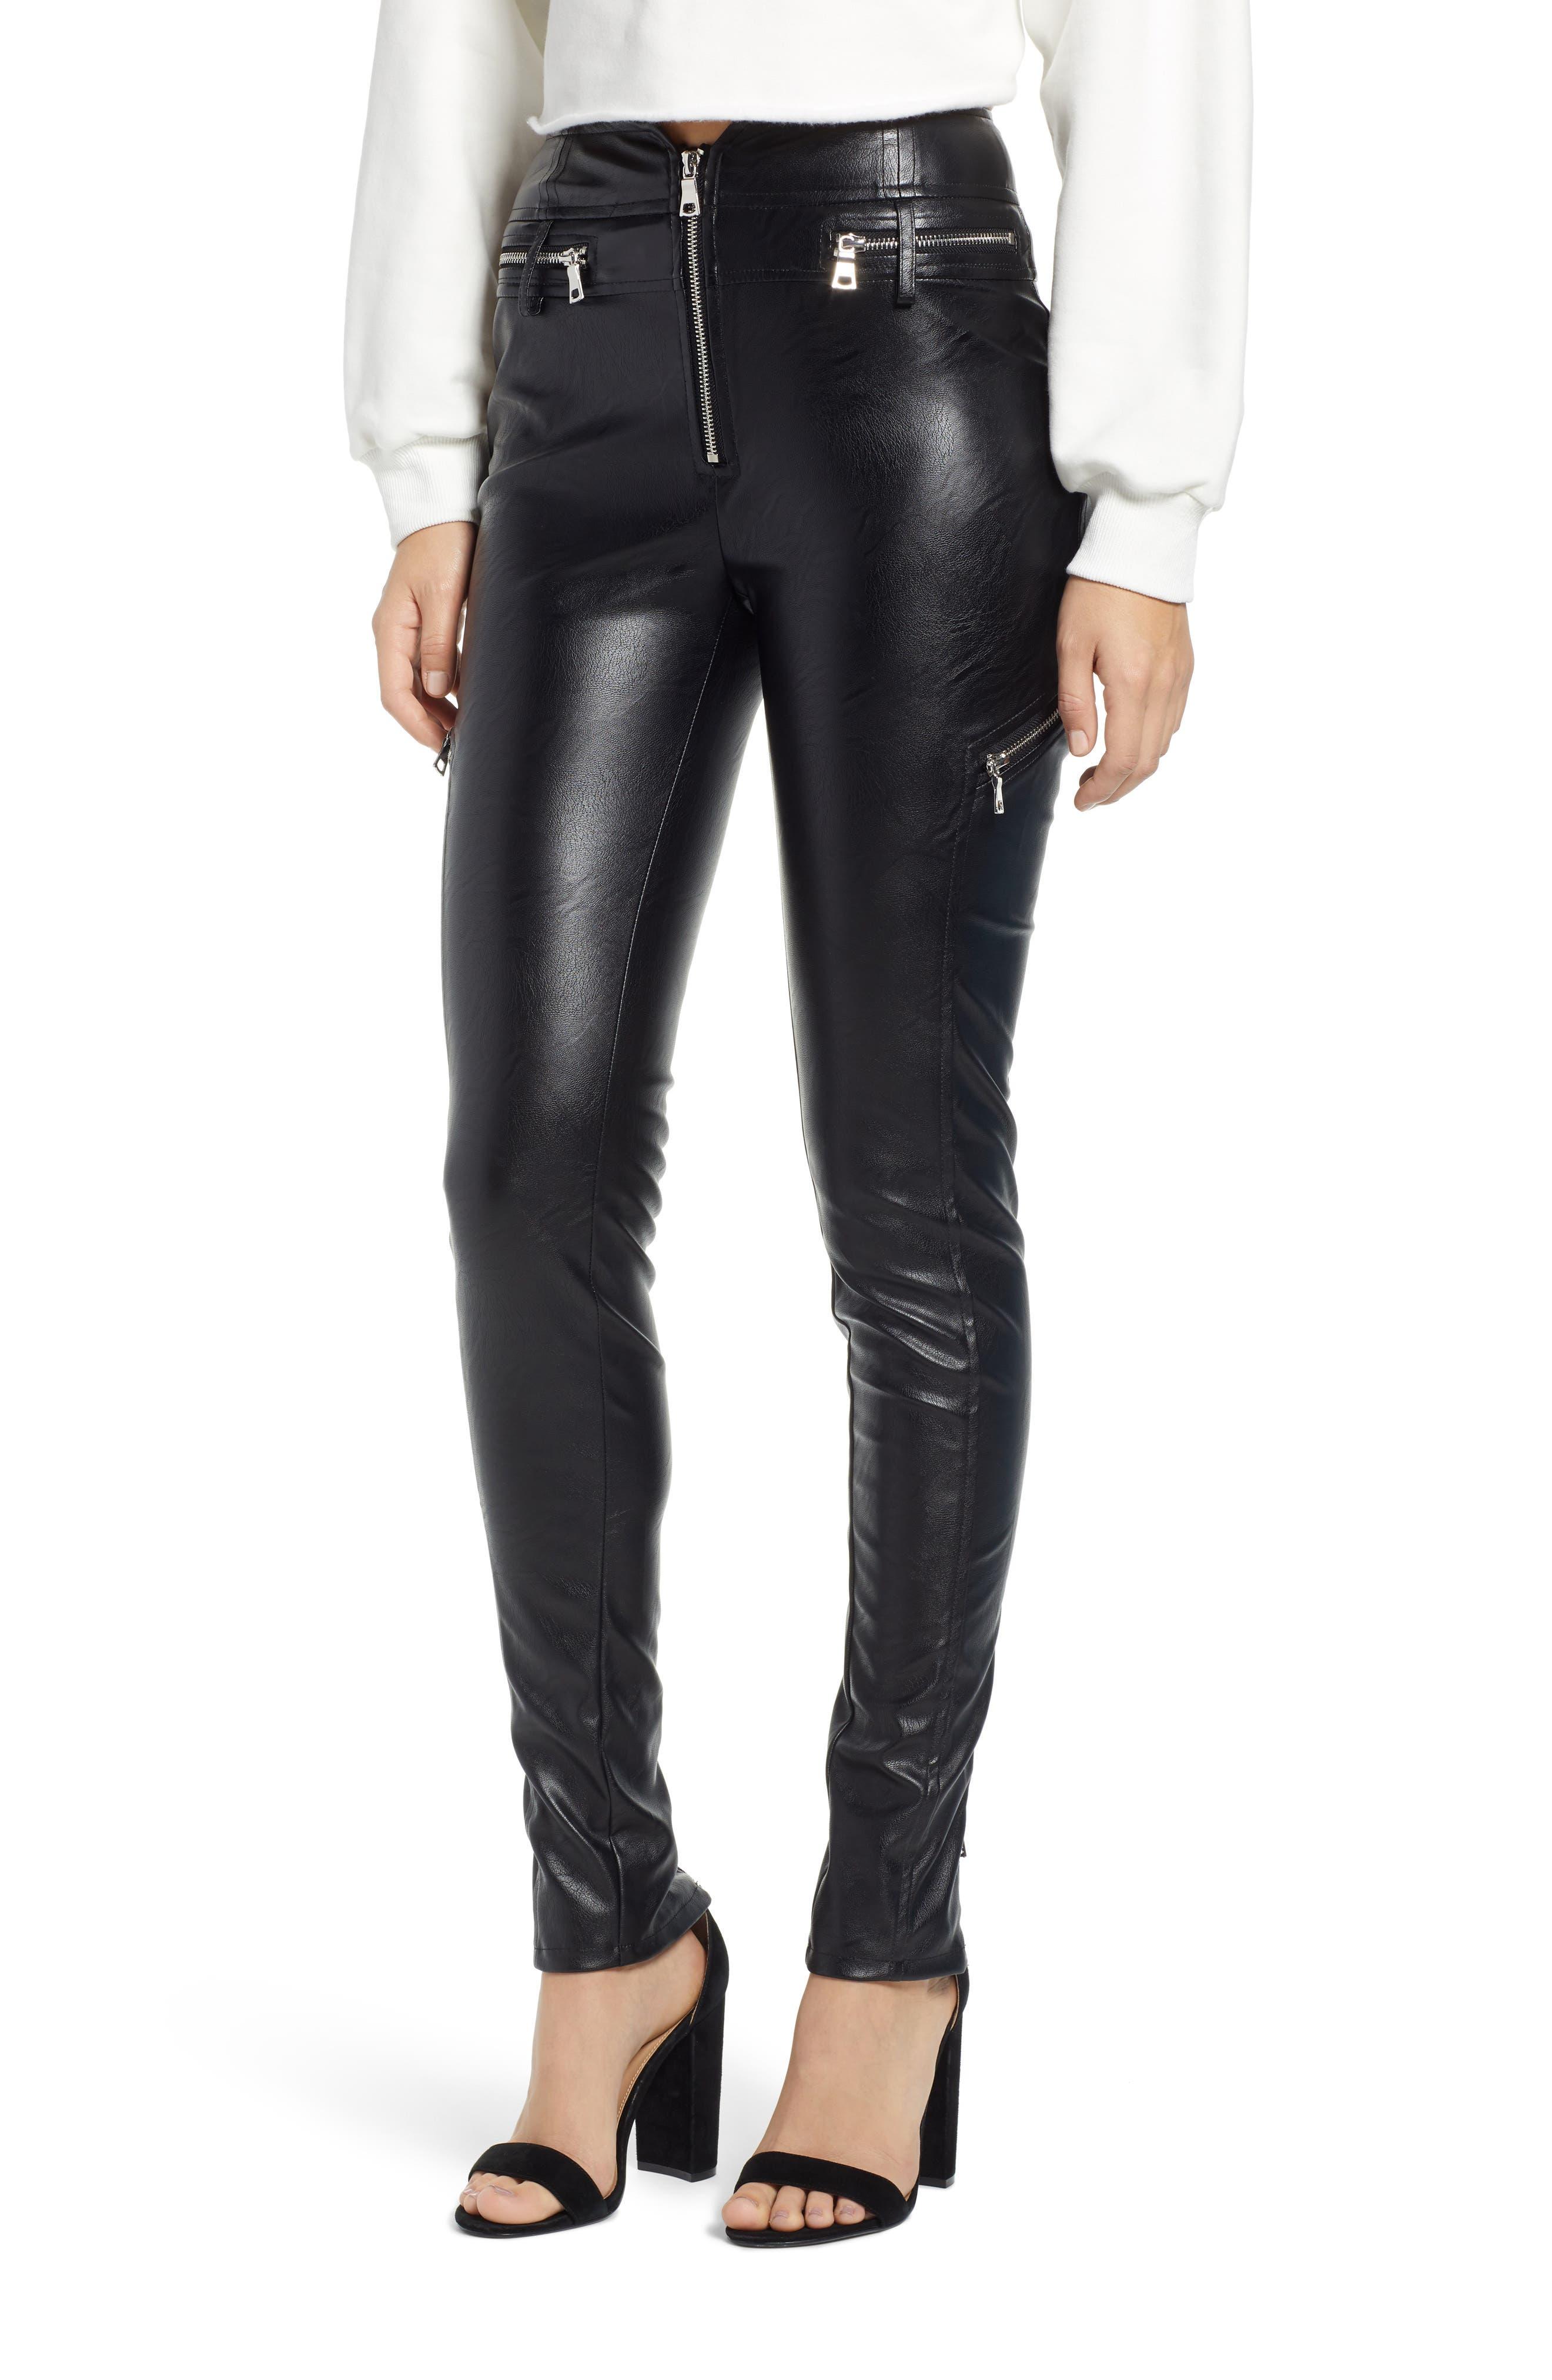 TIGER MIST Lennon Zip Detail Faux Leather Pants, Main, color, 001